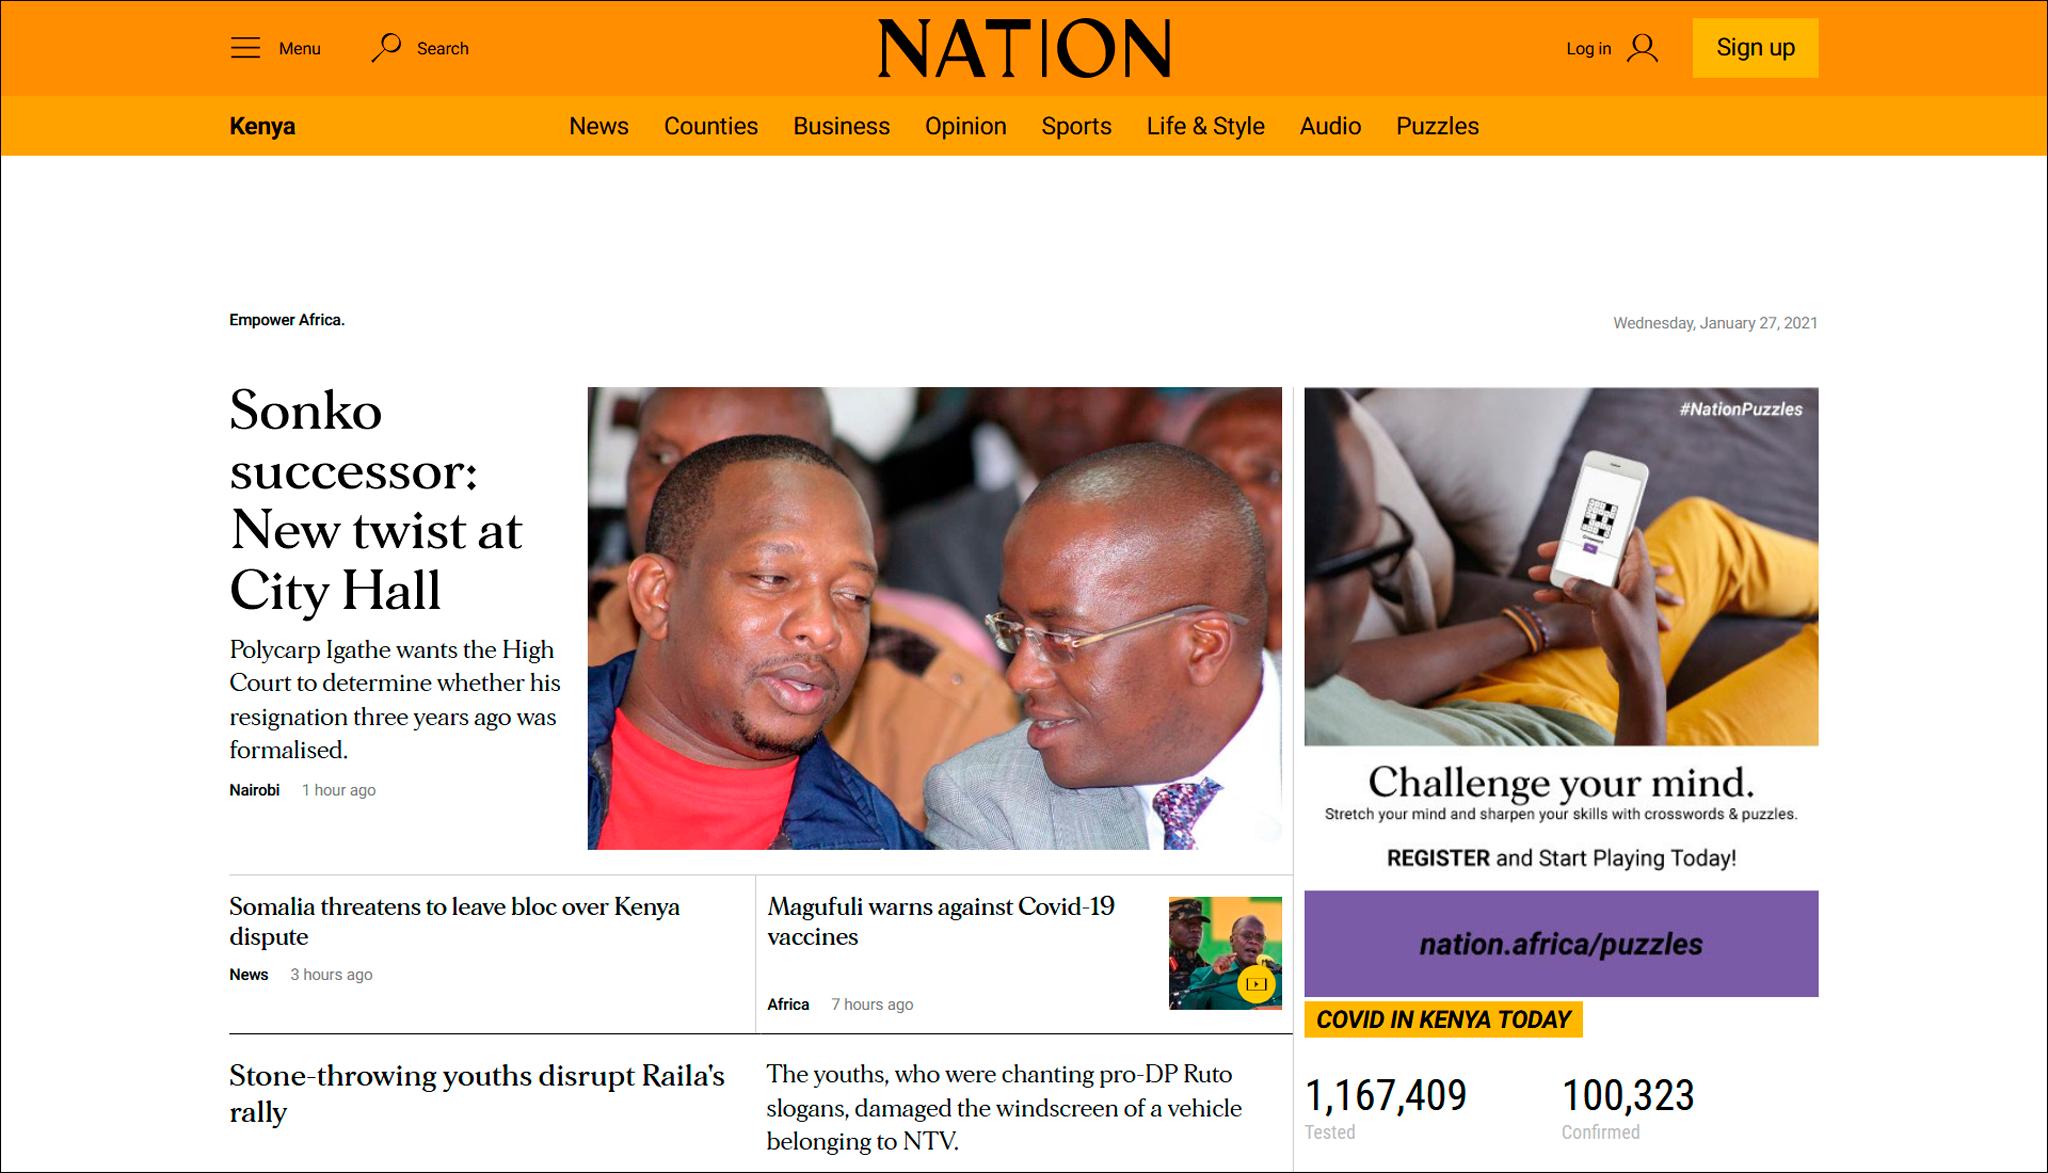 Доверие аудитории к изданию легло в основу работы журналистов Daily Nation и стало их главной целью